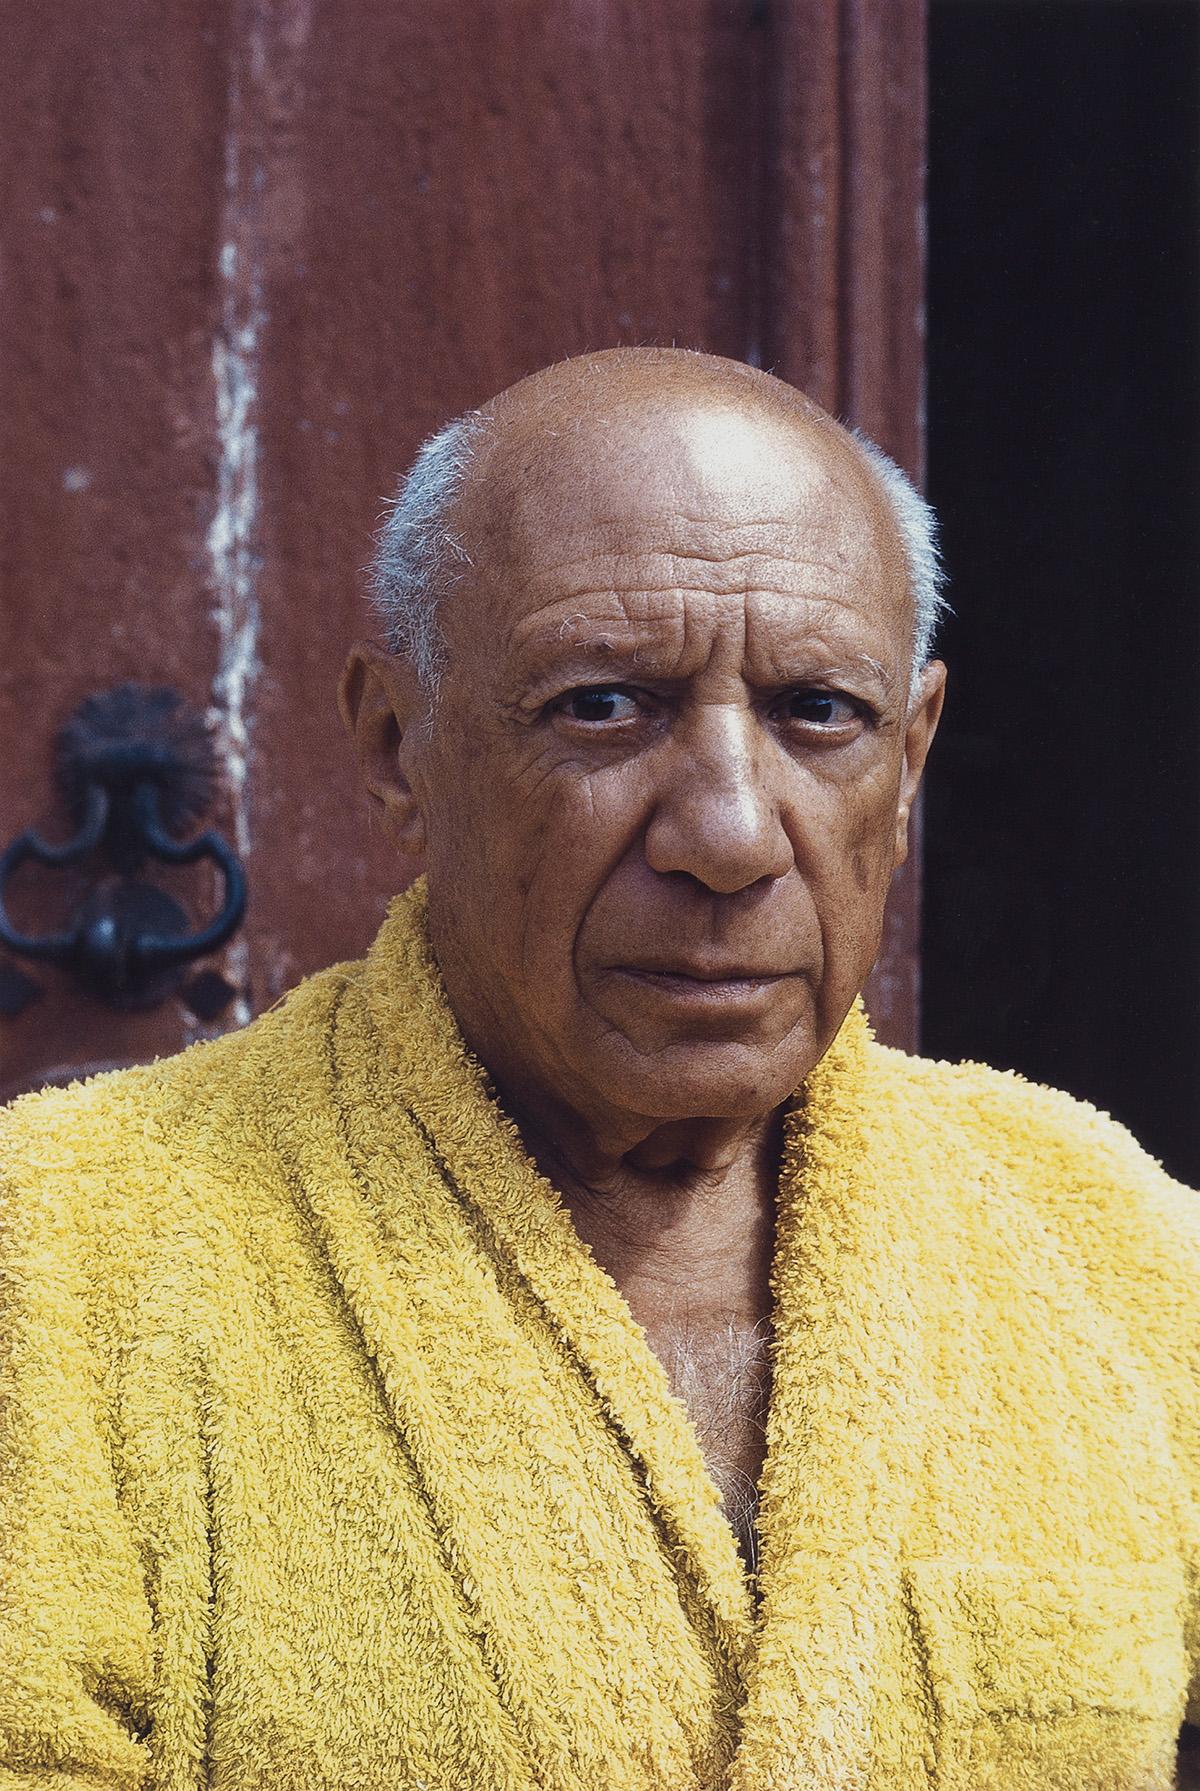 DAVID DOUGLAS DUNCAN (1916-2018) Picasso in a yellow bathrobe.